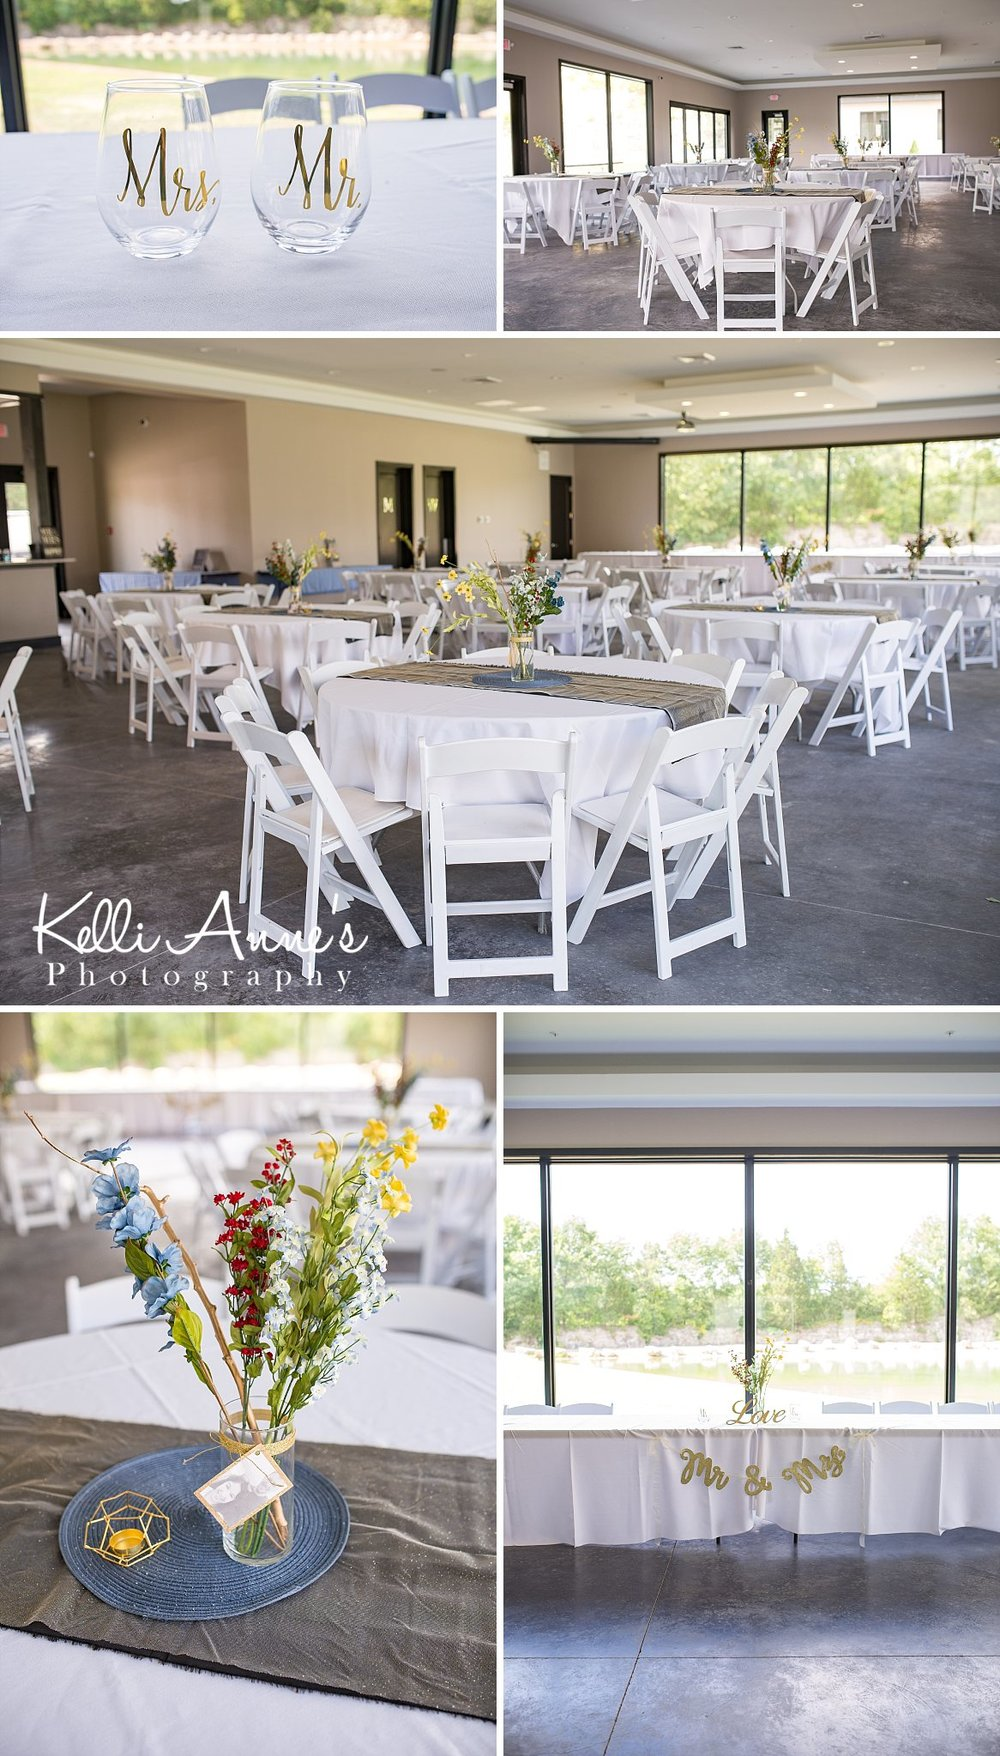 Reception Details, Blue, Slate, Grey, Gold. Mr. & Mrs. , Flowers, Mr. & Mrs. Glasses, Photo centerpieces, Simple Centerpieces